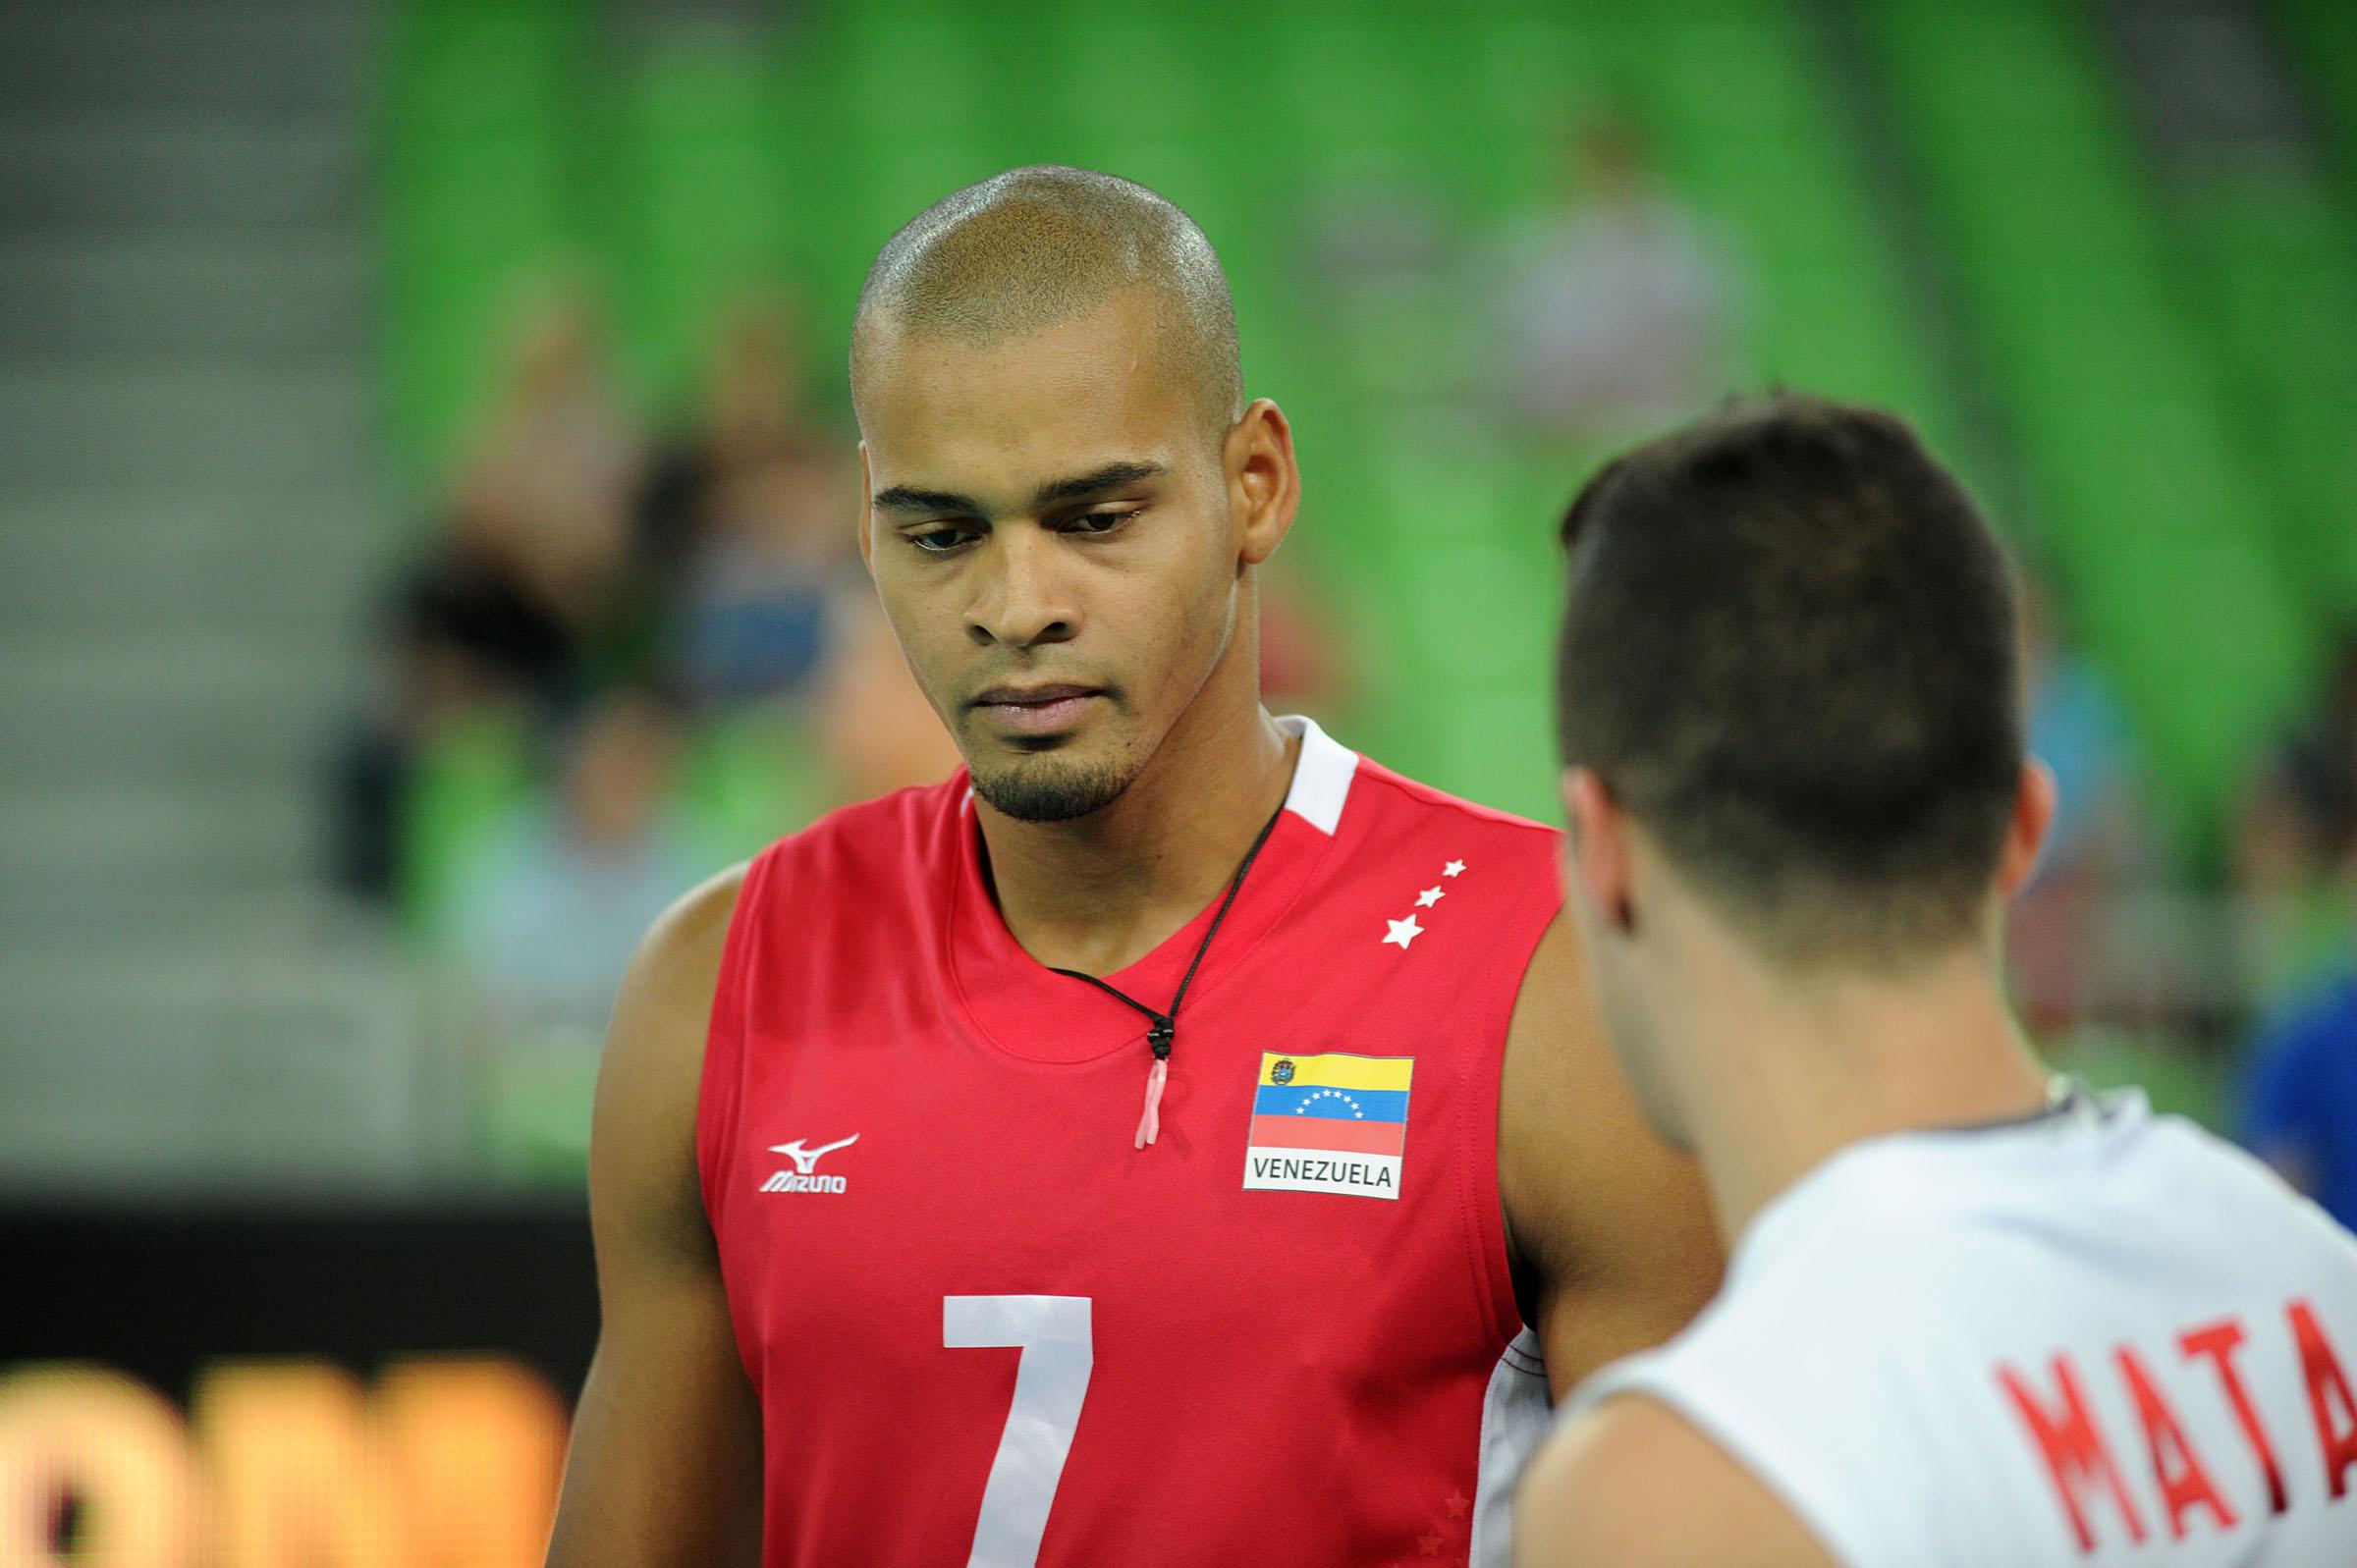 Edson Alberto Valencia Gonzalez